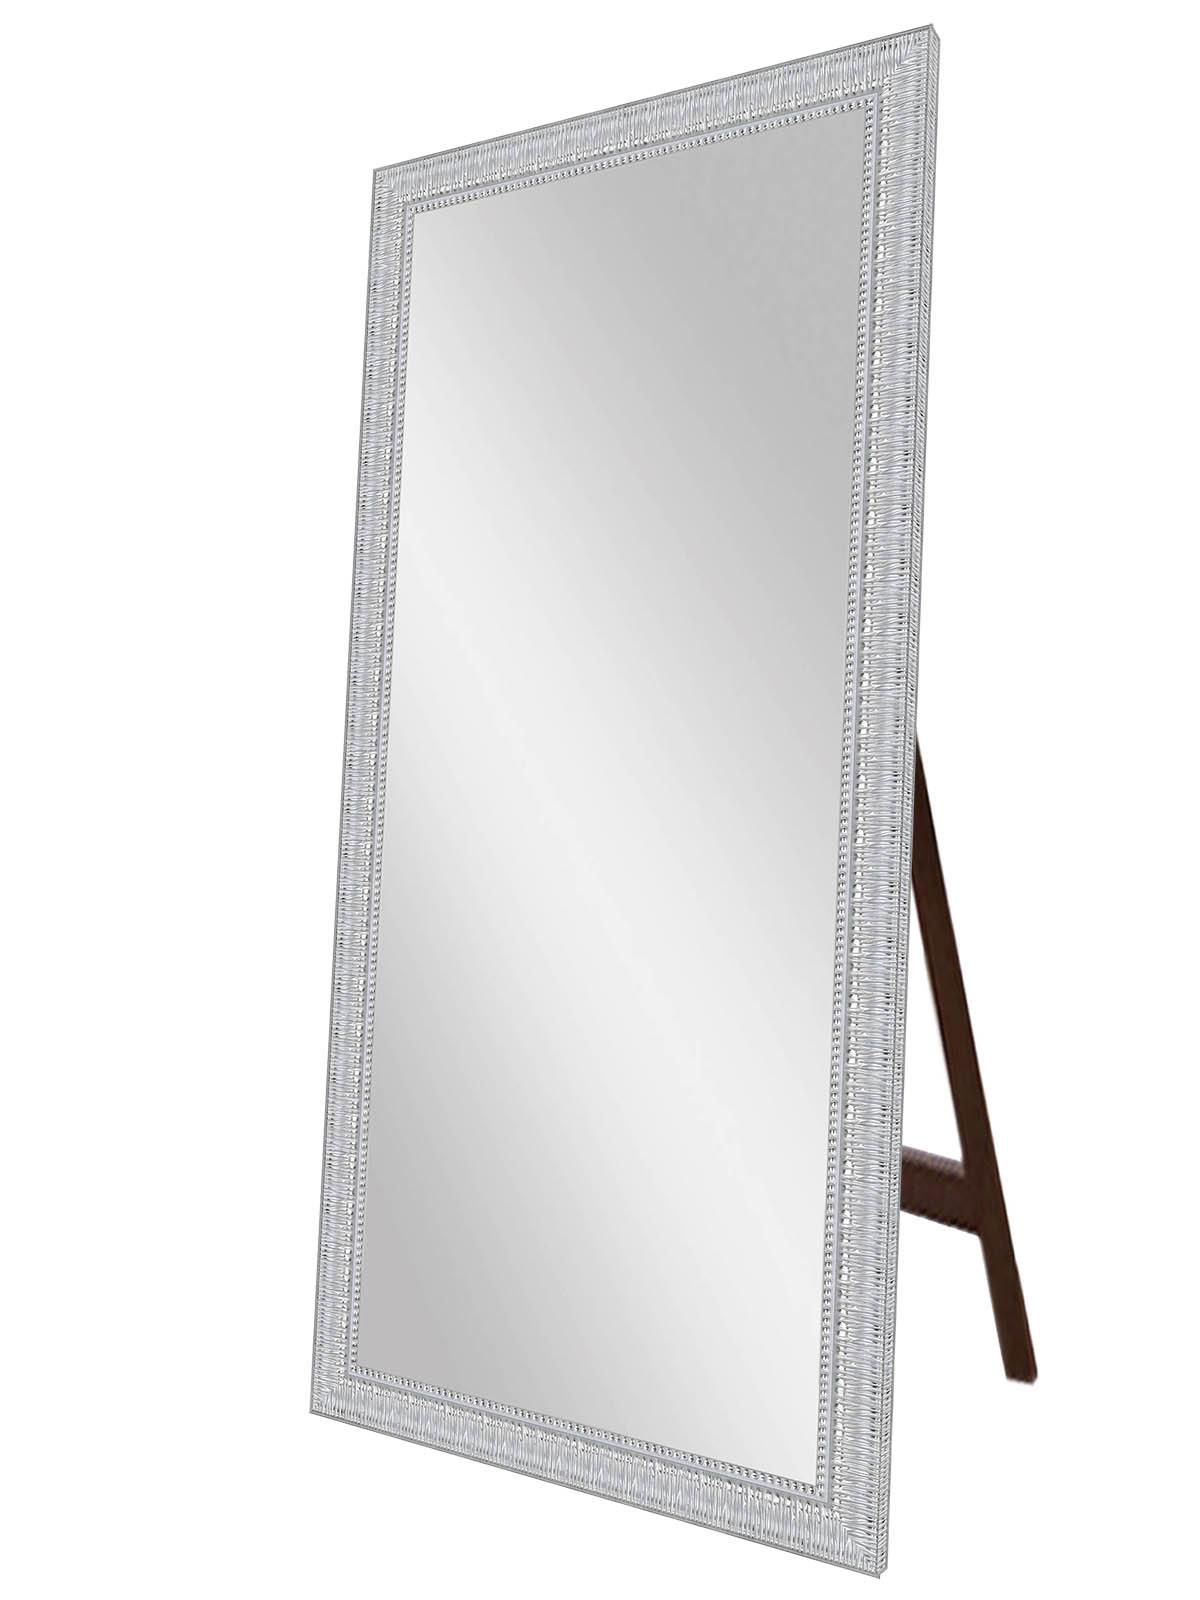 Купить Зеркало напольное Серебряная хлоя , inmyroom, Россия